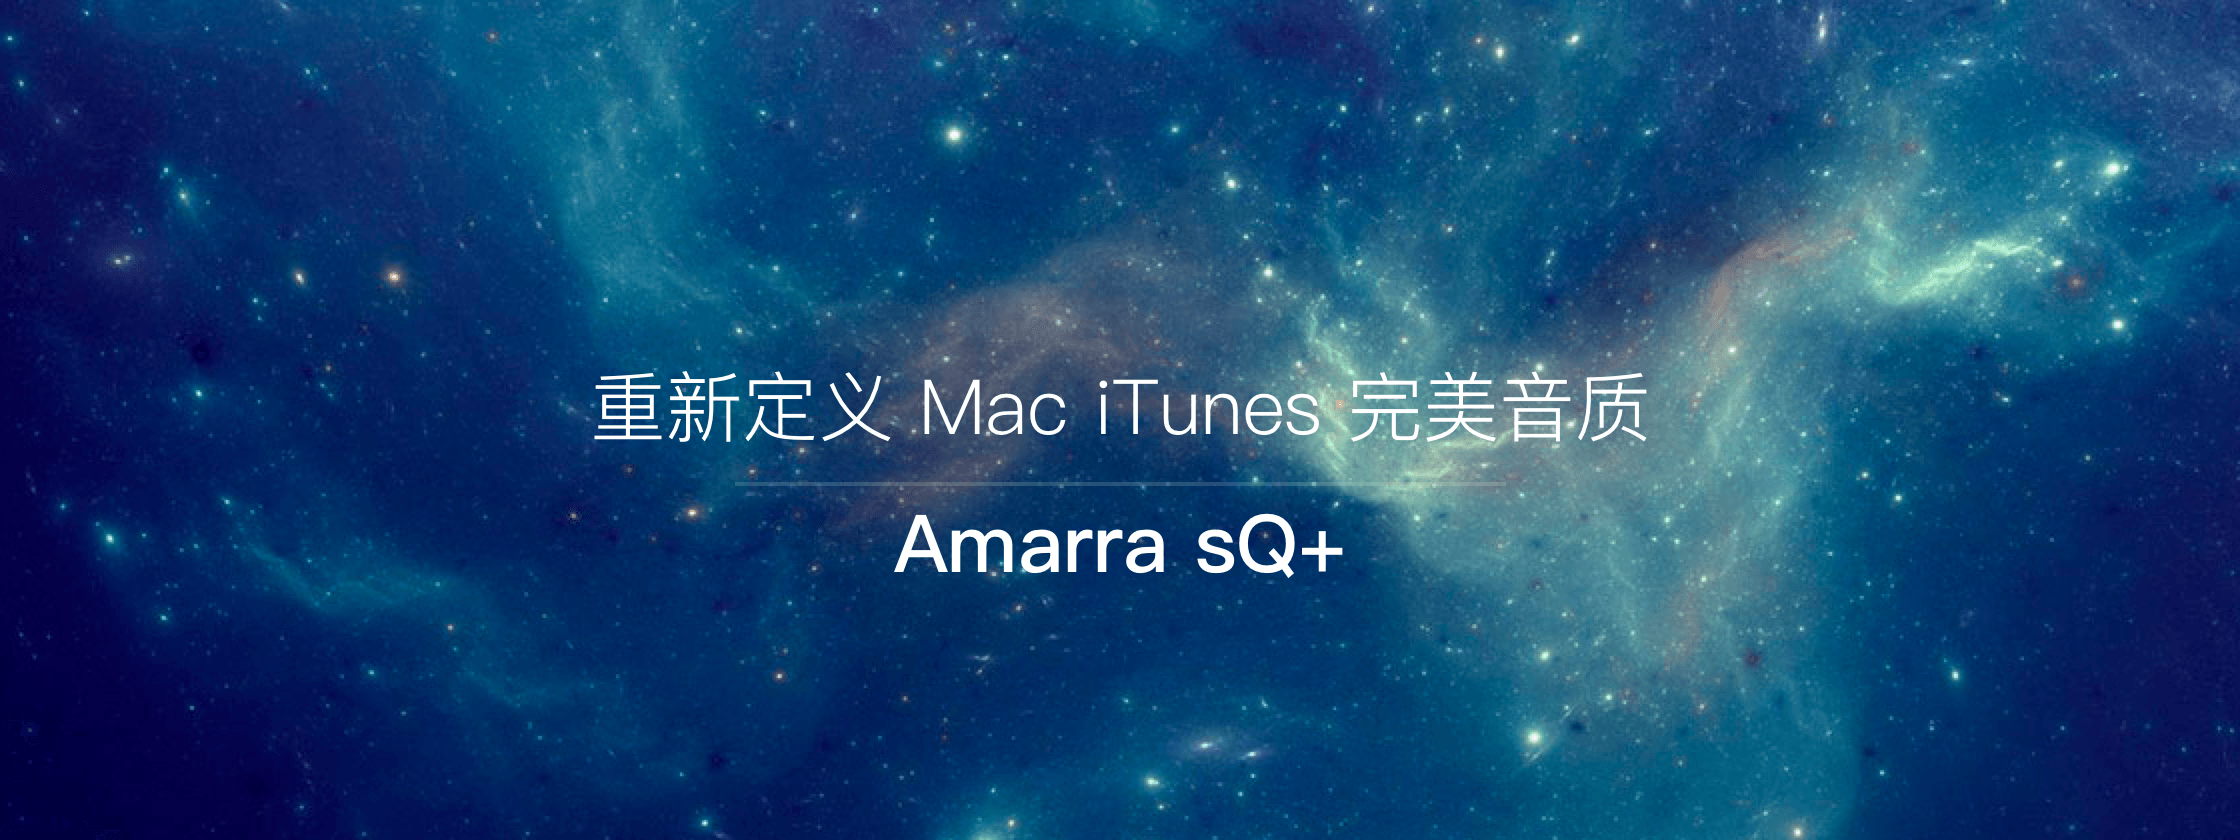 Amarra sQ+ – 重新定义 Mac iTunes 完美音质